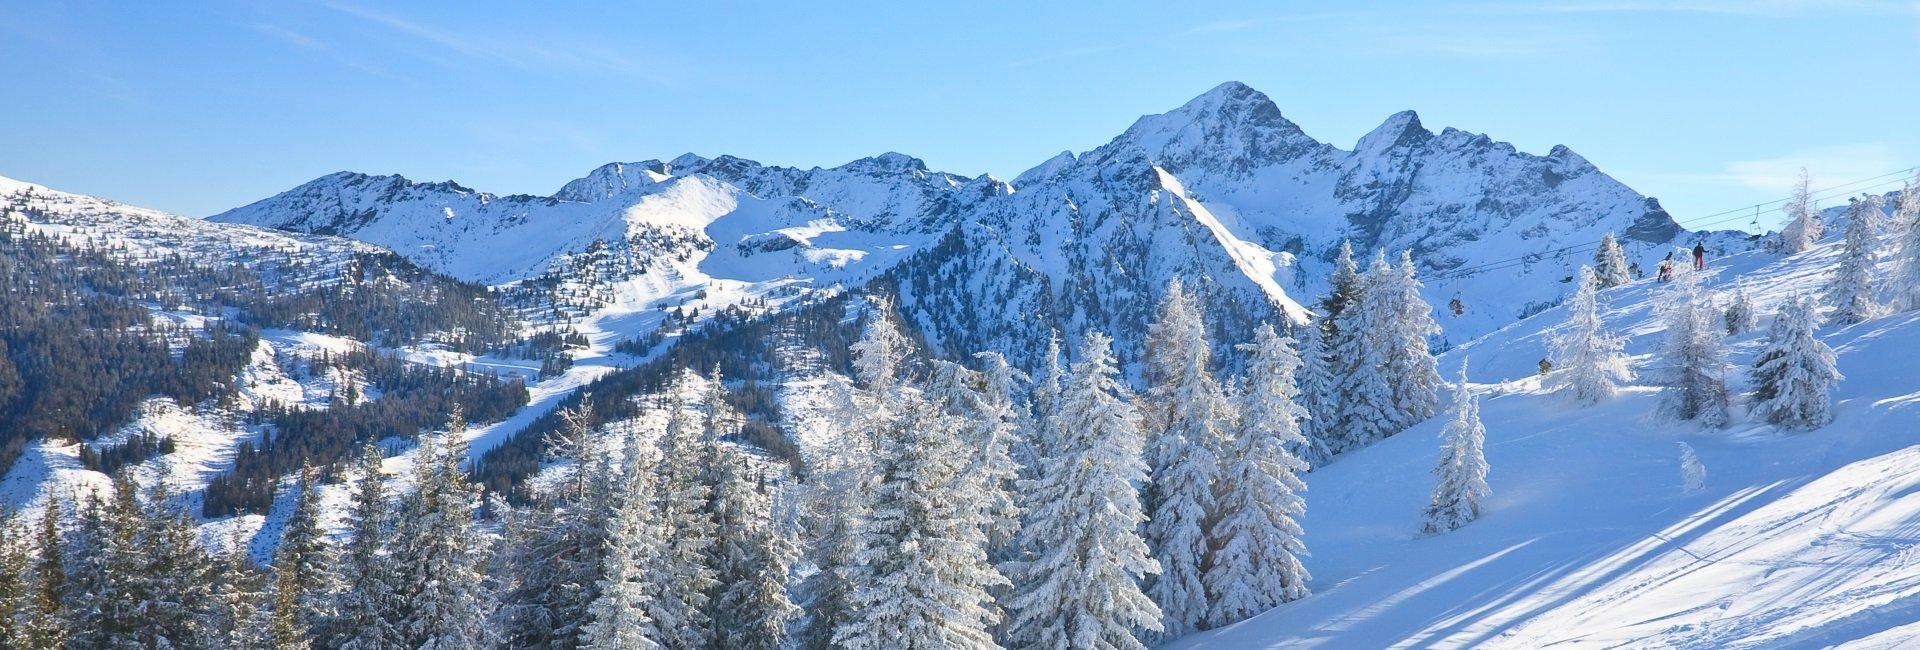 steiermark-winter-sneeuw-oostenrijk.jpg